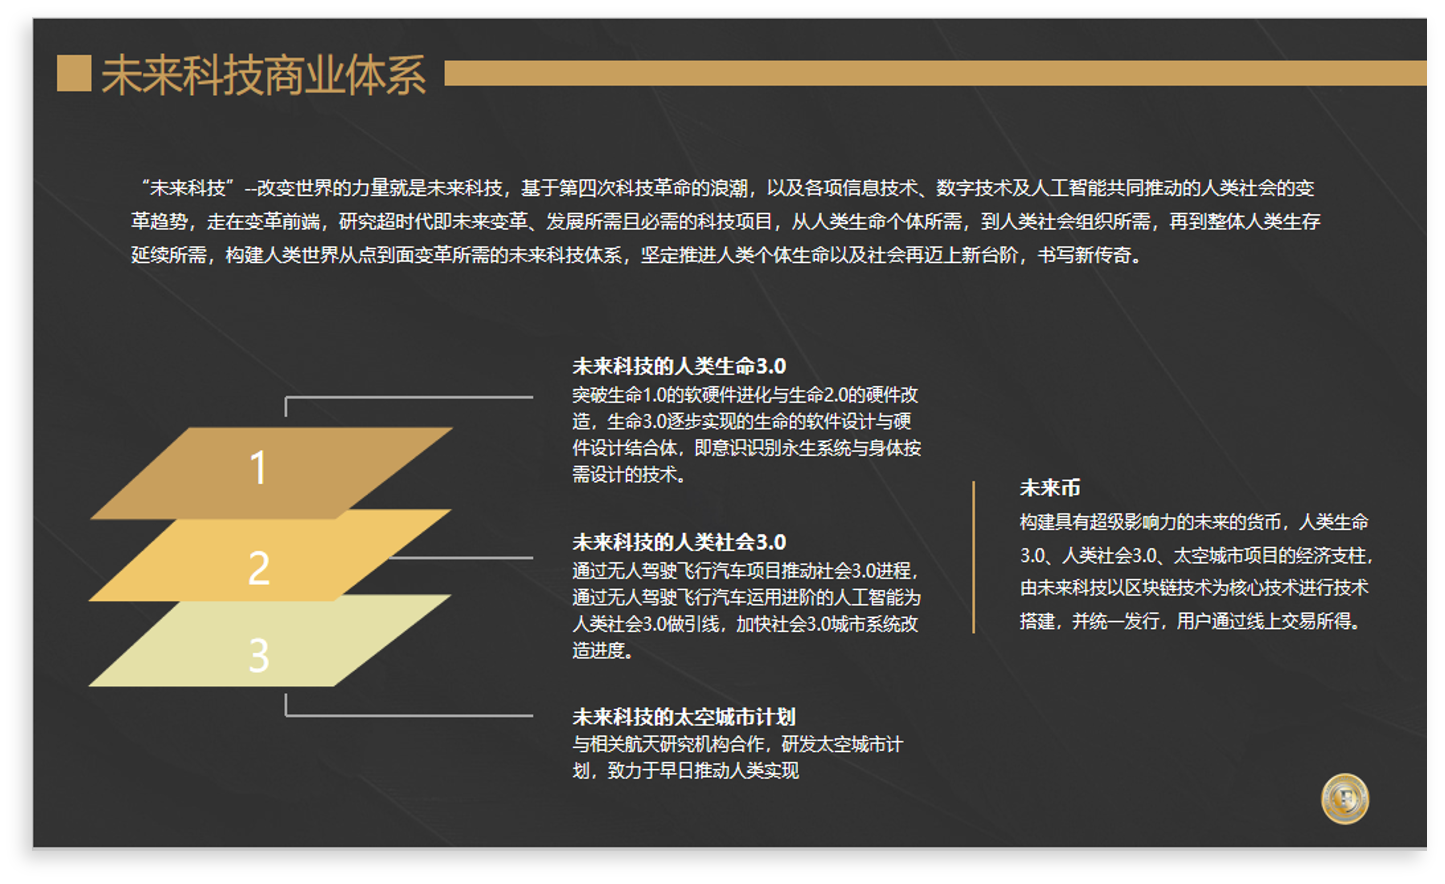 商业计划书融资计划书创业计划书可项目计划书可行性研究报告